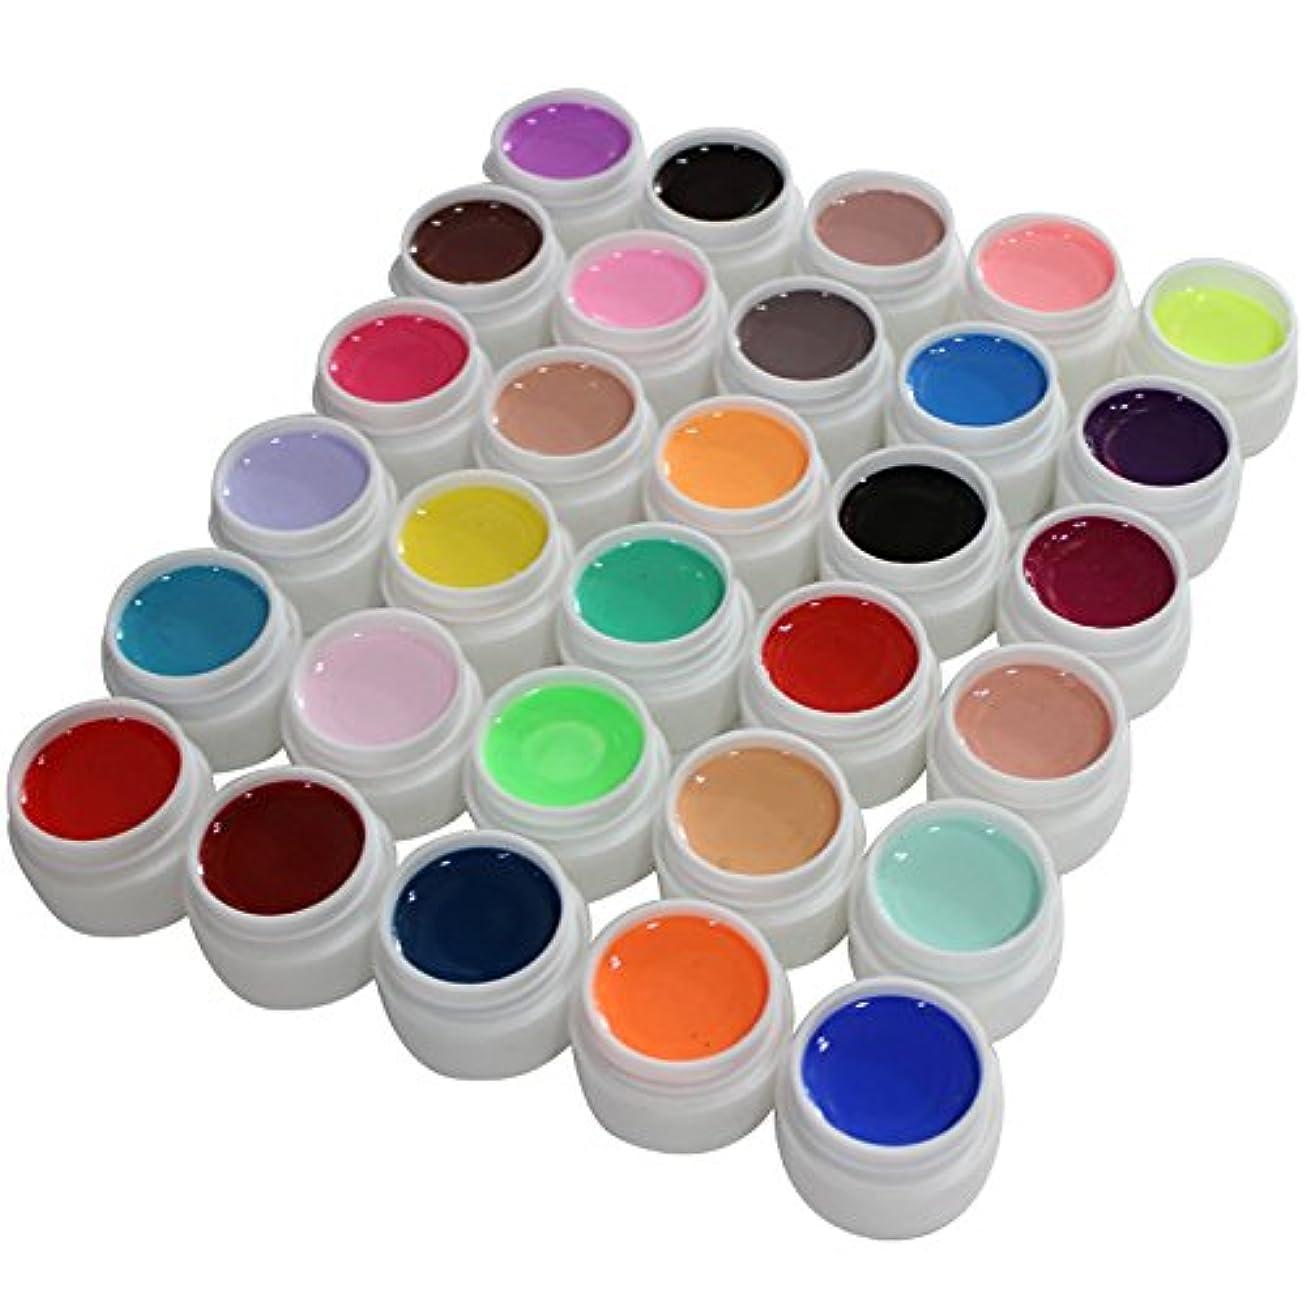 グローブ毎週浸漬UV/LED対応カラージェルソークオフジェル30色カラーセット